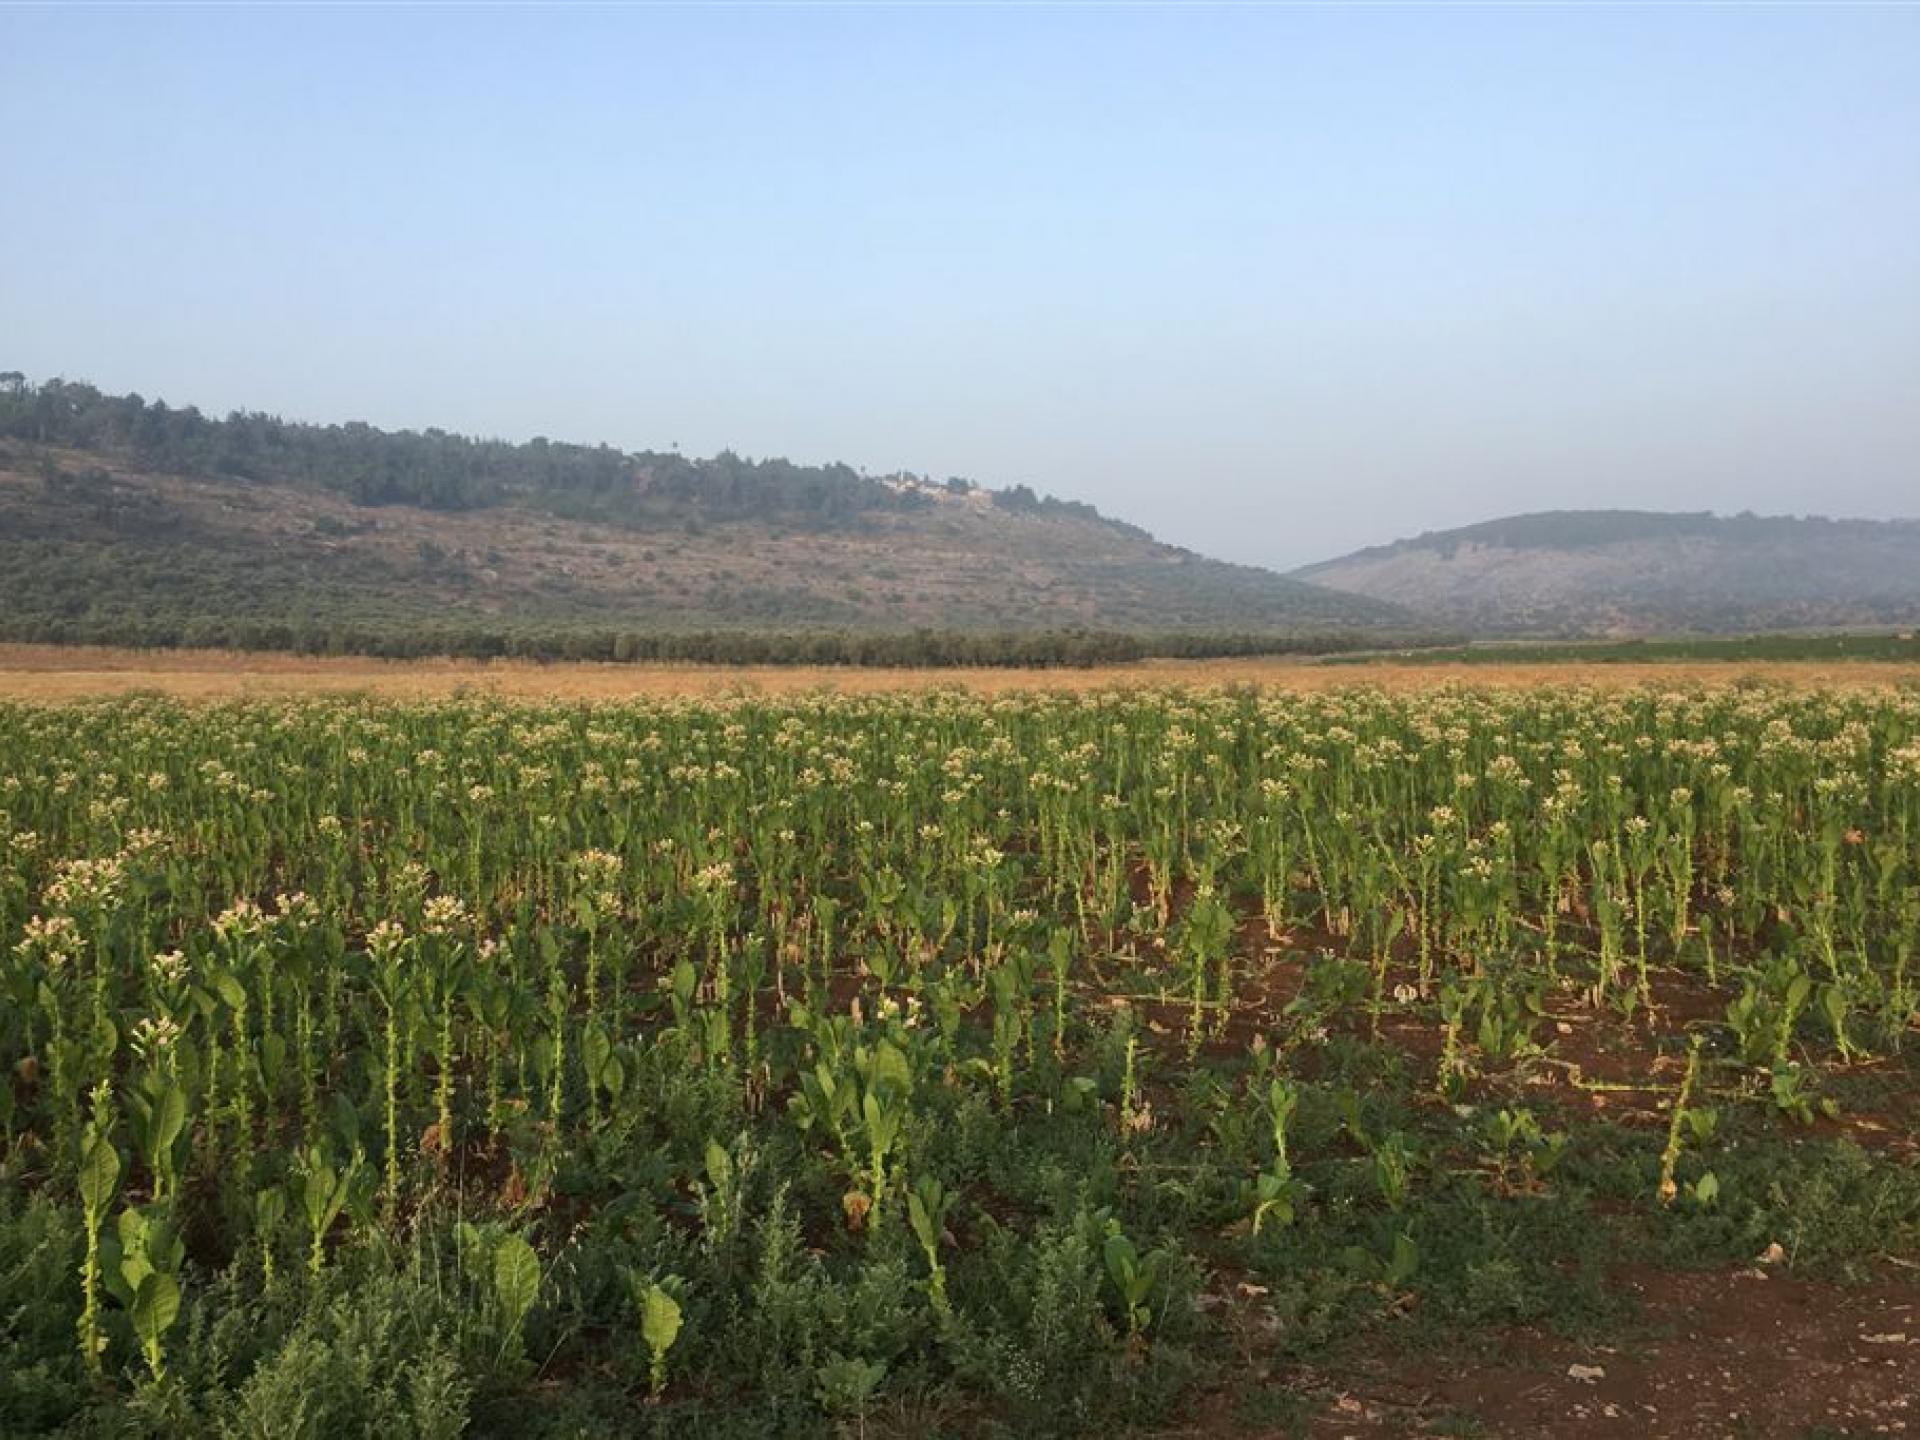 מחסום יעבד: שדה טבק פורח